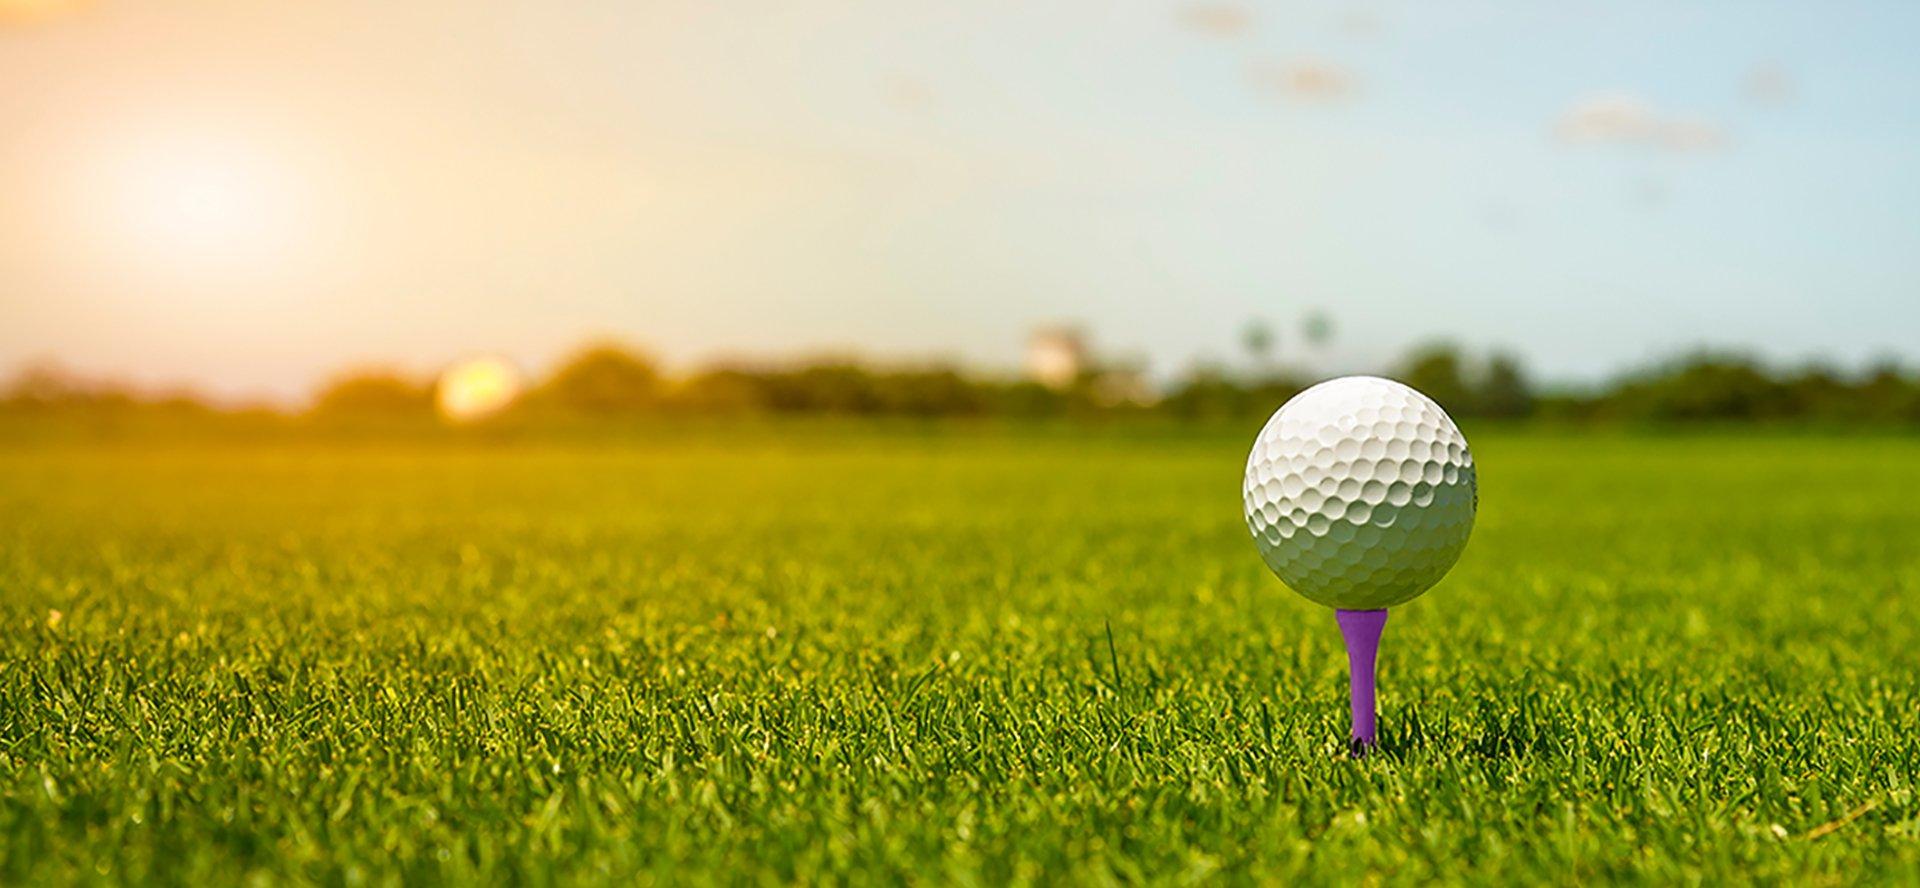 Zipie_GolfBall_1920x888-1